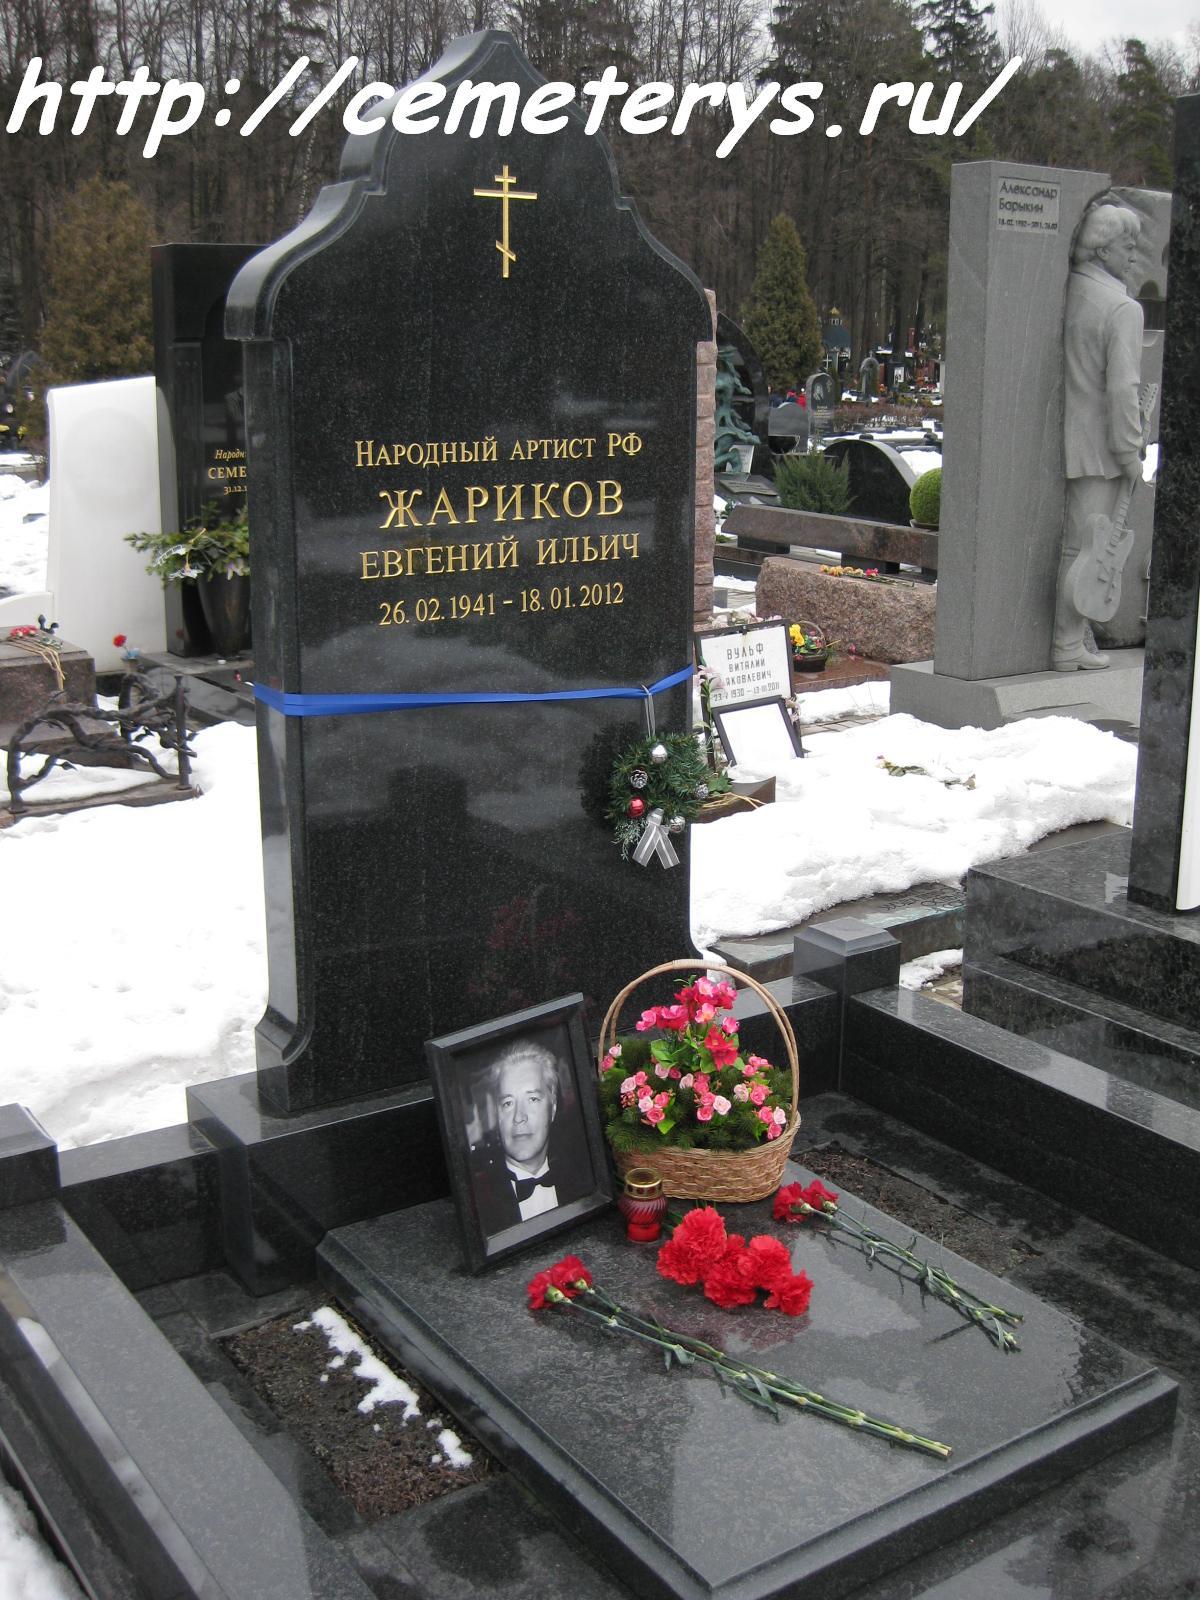 могила Евгения Жарикова на Троекуровском кладбище в Москве ( фото Дмитрия Кондратьева)